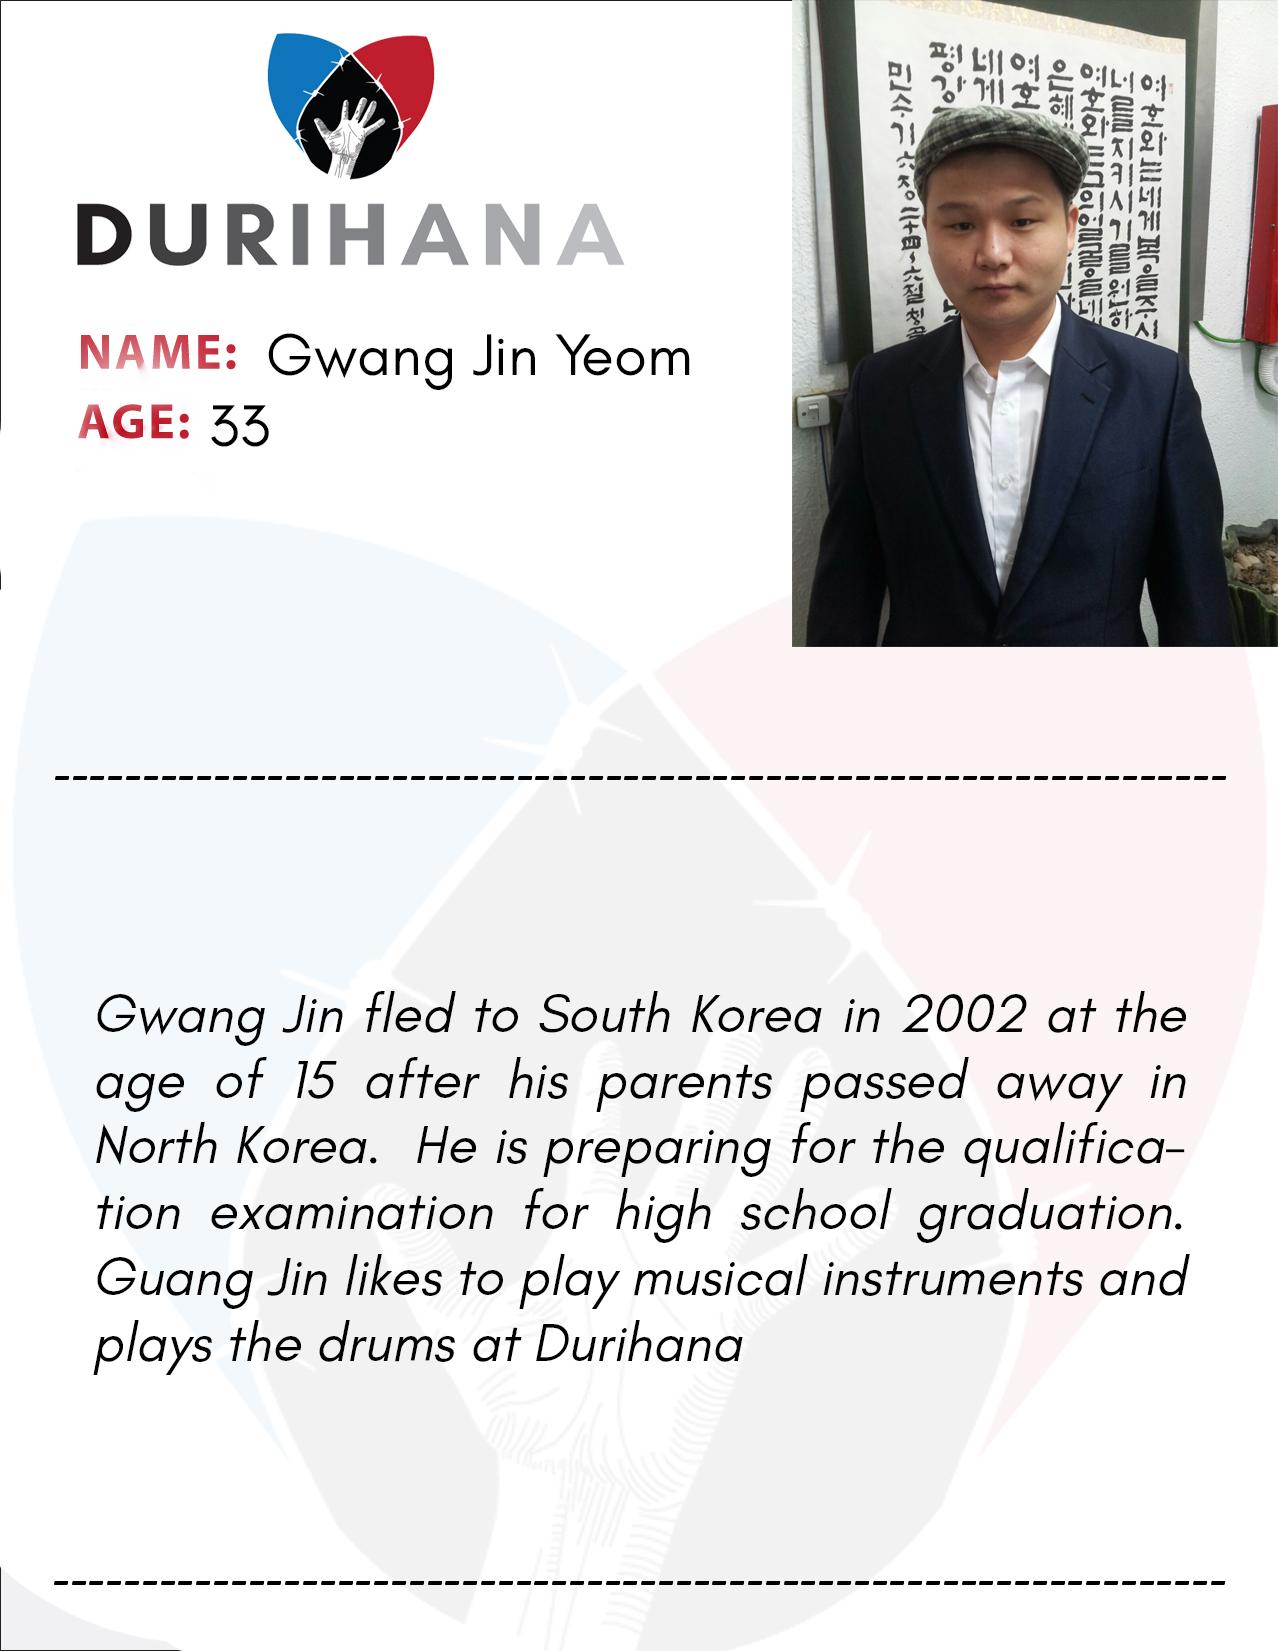 Gwang Jin Yeom